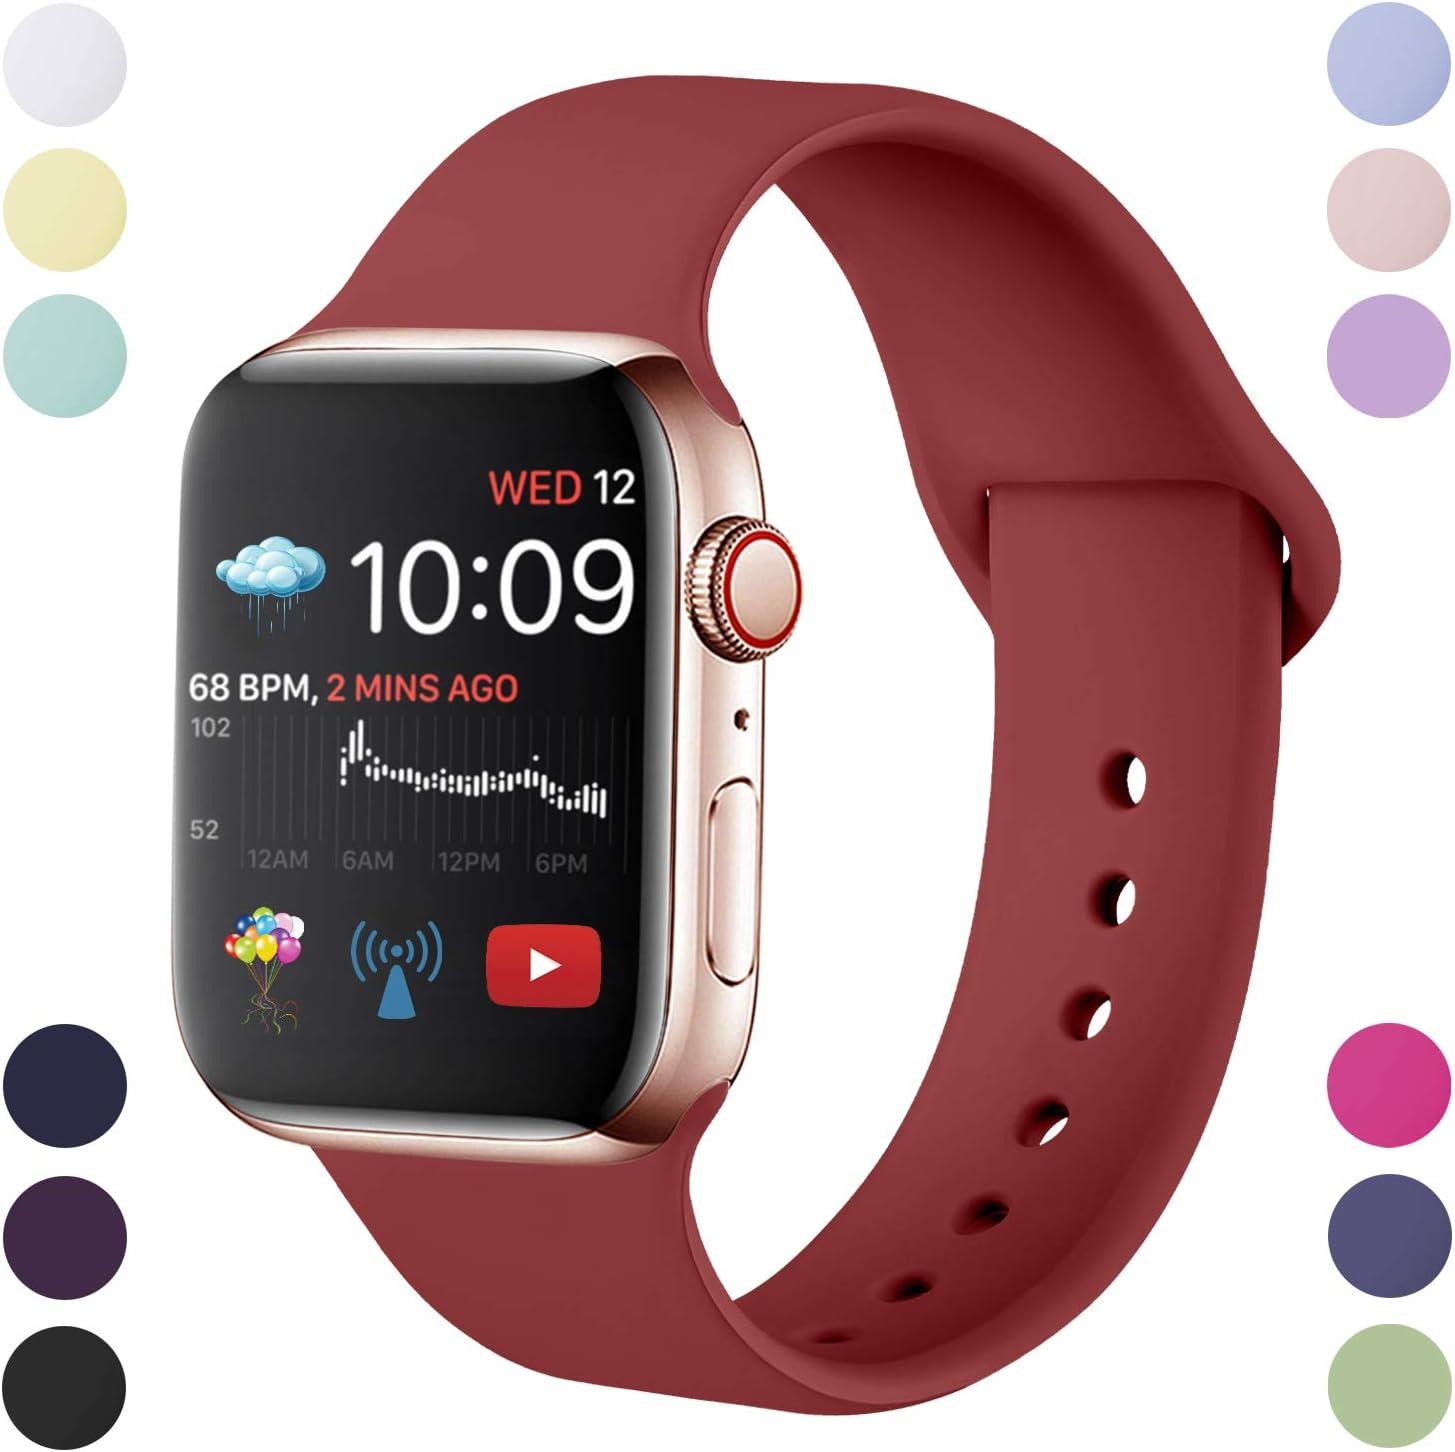 Hamile Correa Compatible con Apple Watch 38mm 42mm 40mm 44mm, Correa de Repuesto de Silicona Suave para iWatch Series 5/4/3/2/1, S/M, M/L